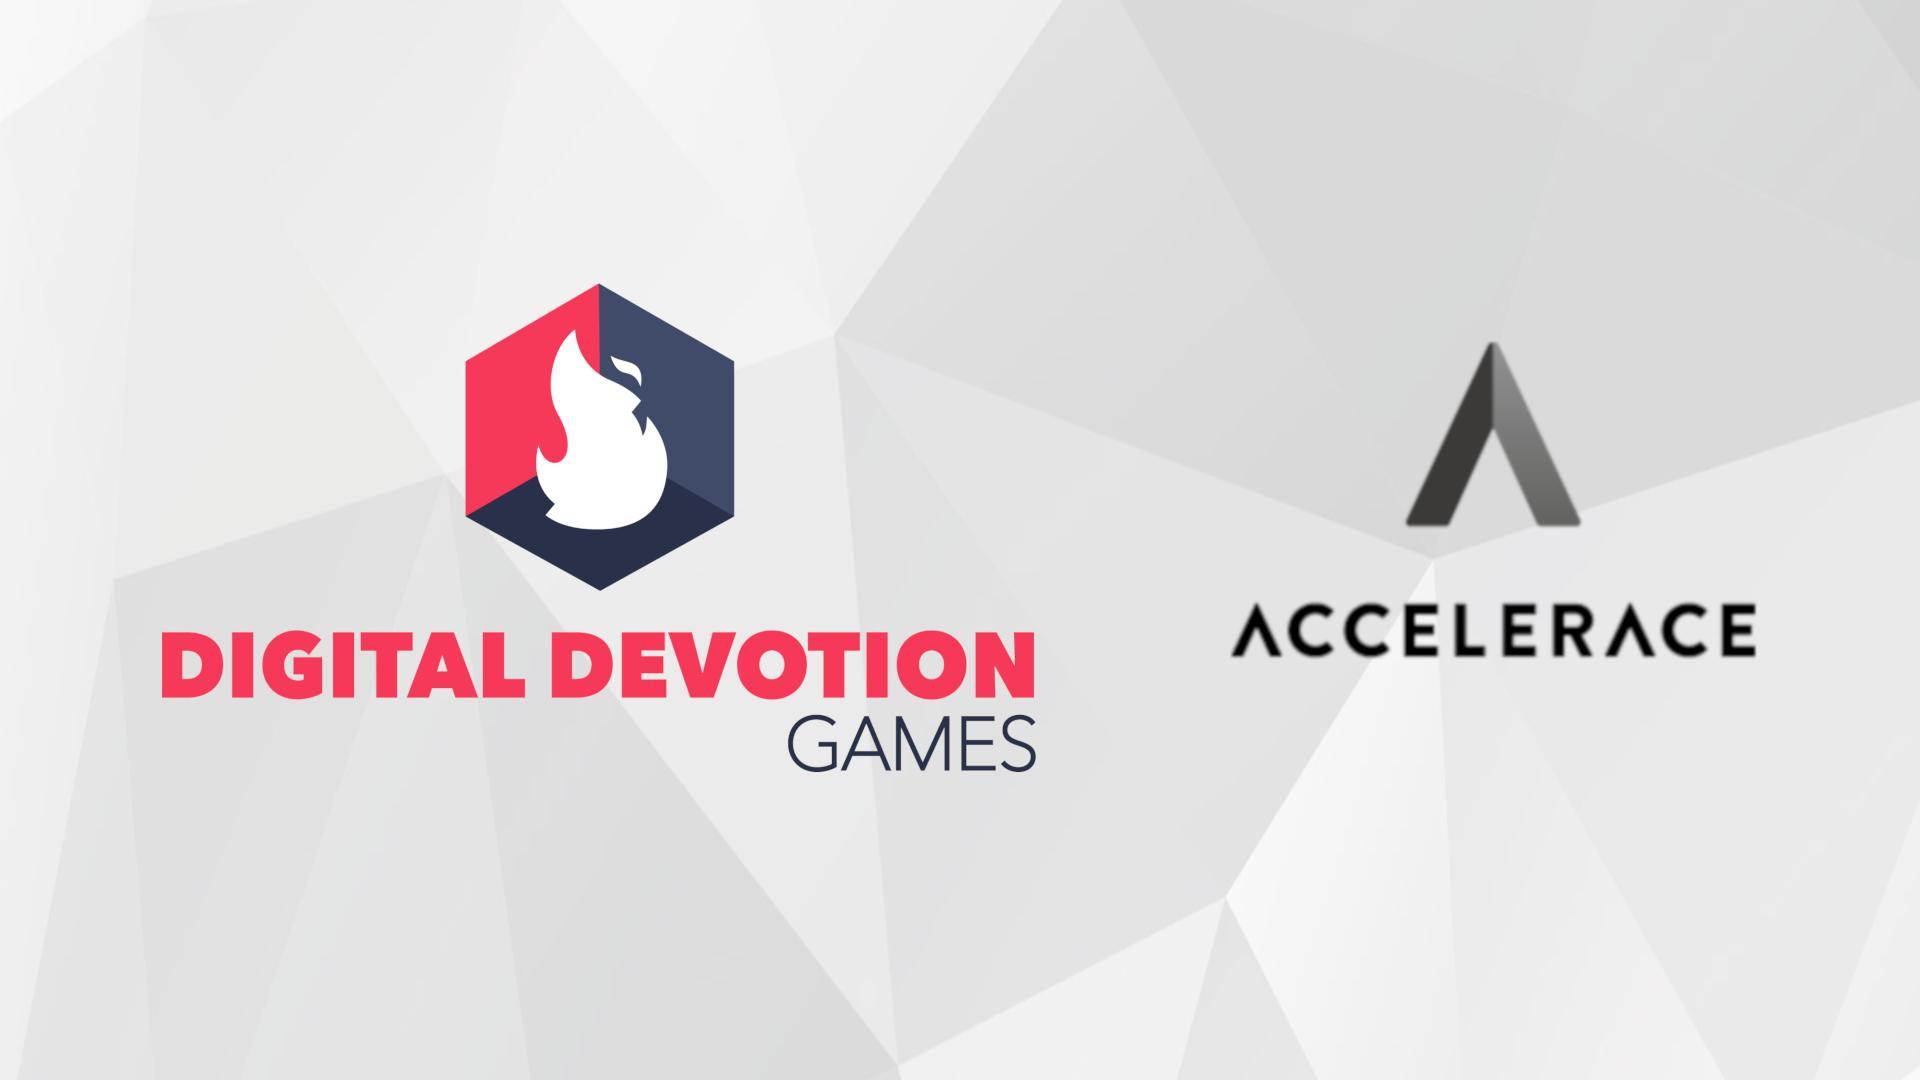 Digital Devotion Games announces partnership with Accelerace